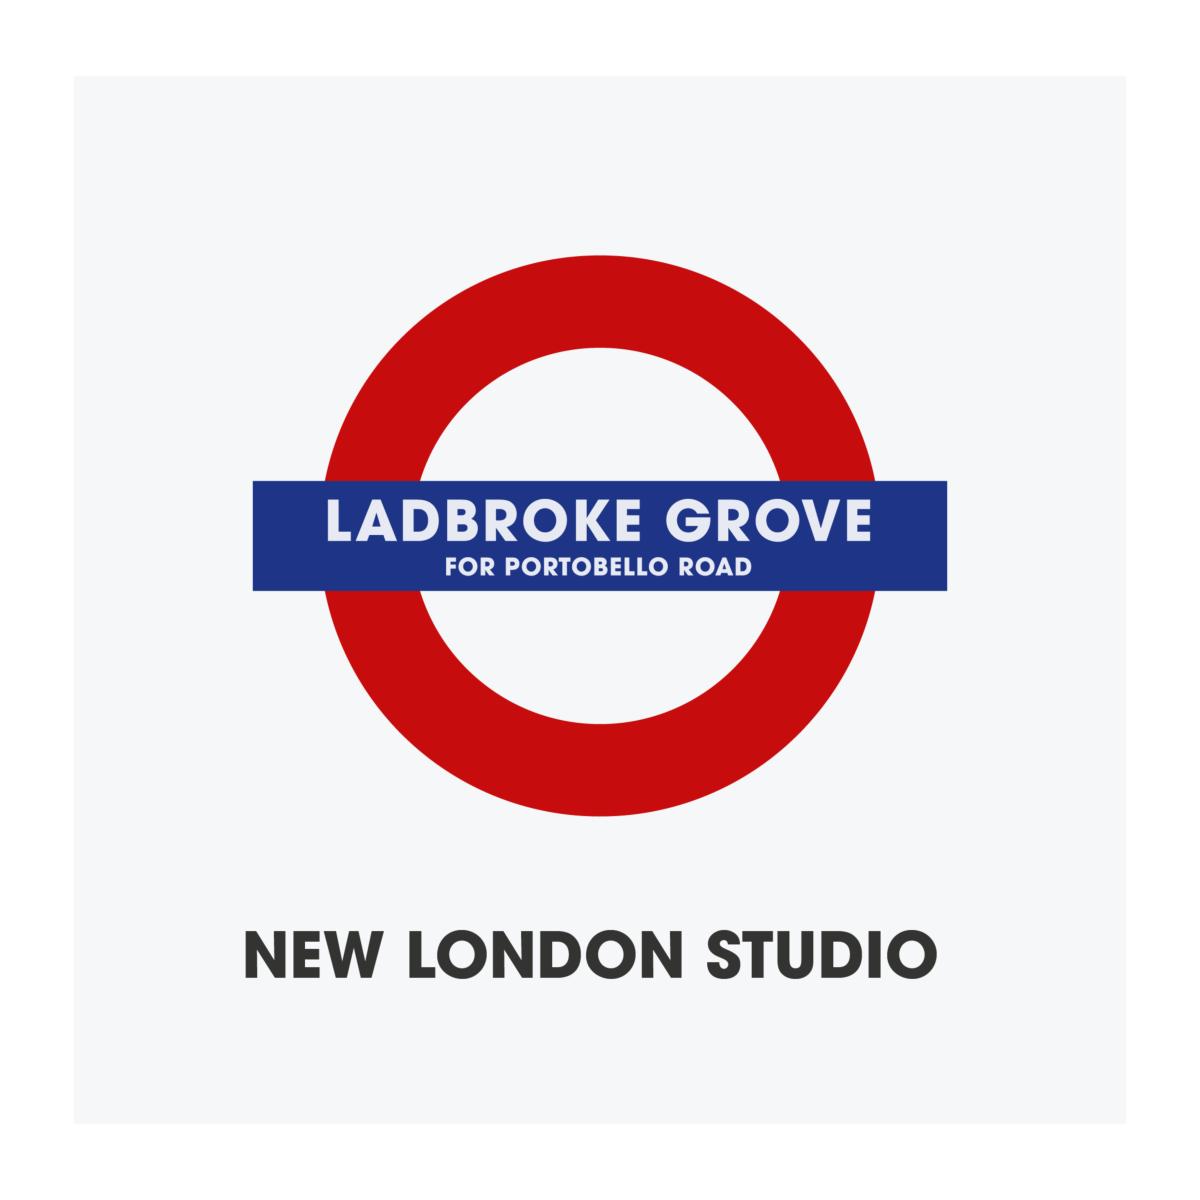 New London Studio Opening September 2020